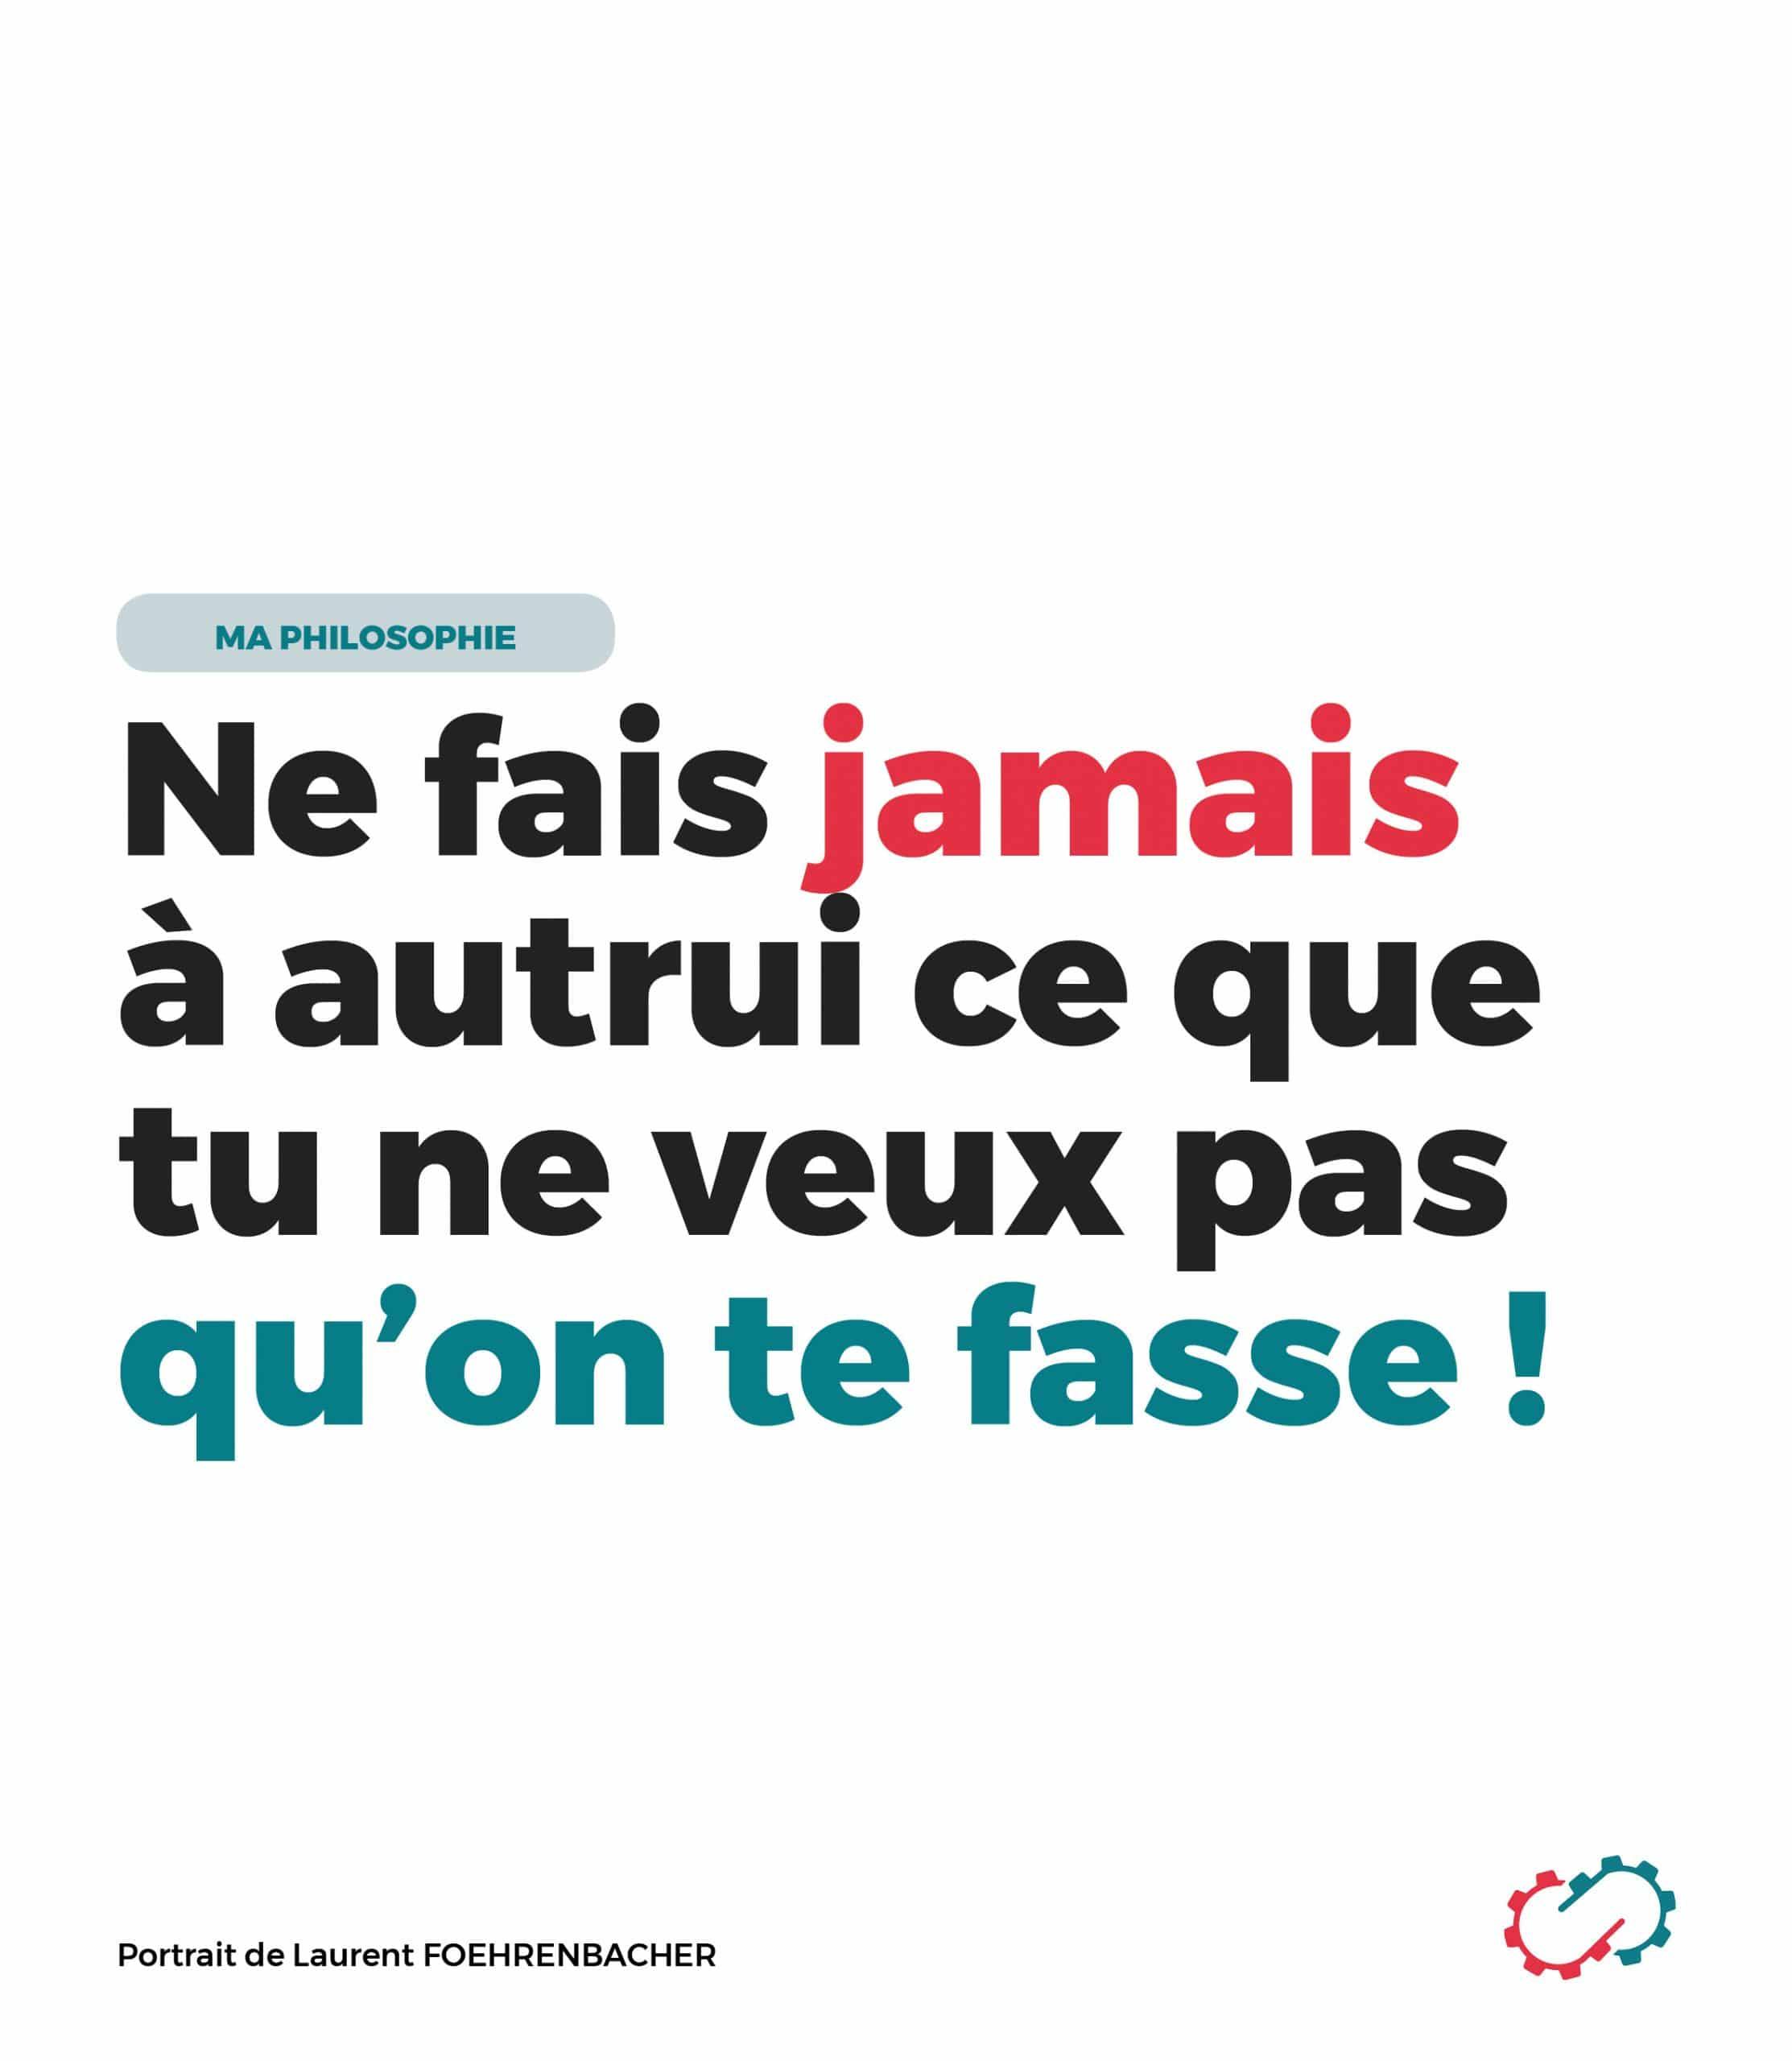 Philosophie Laurent